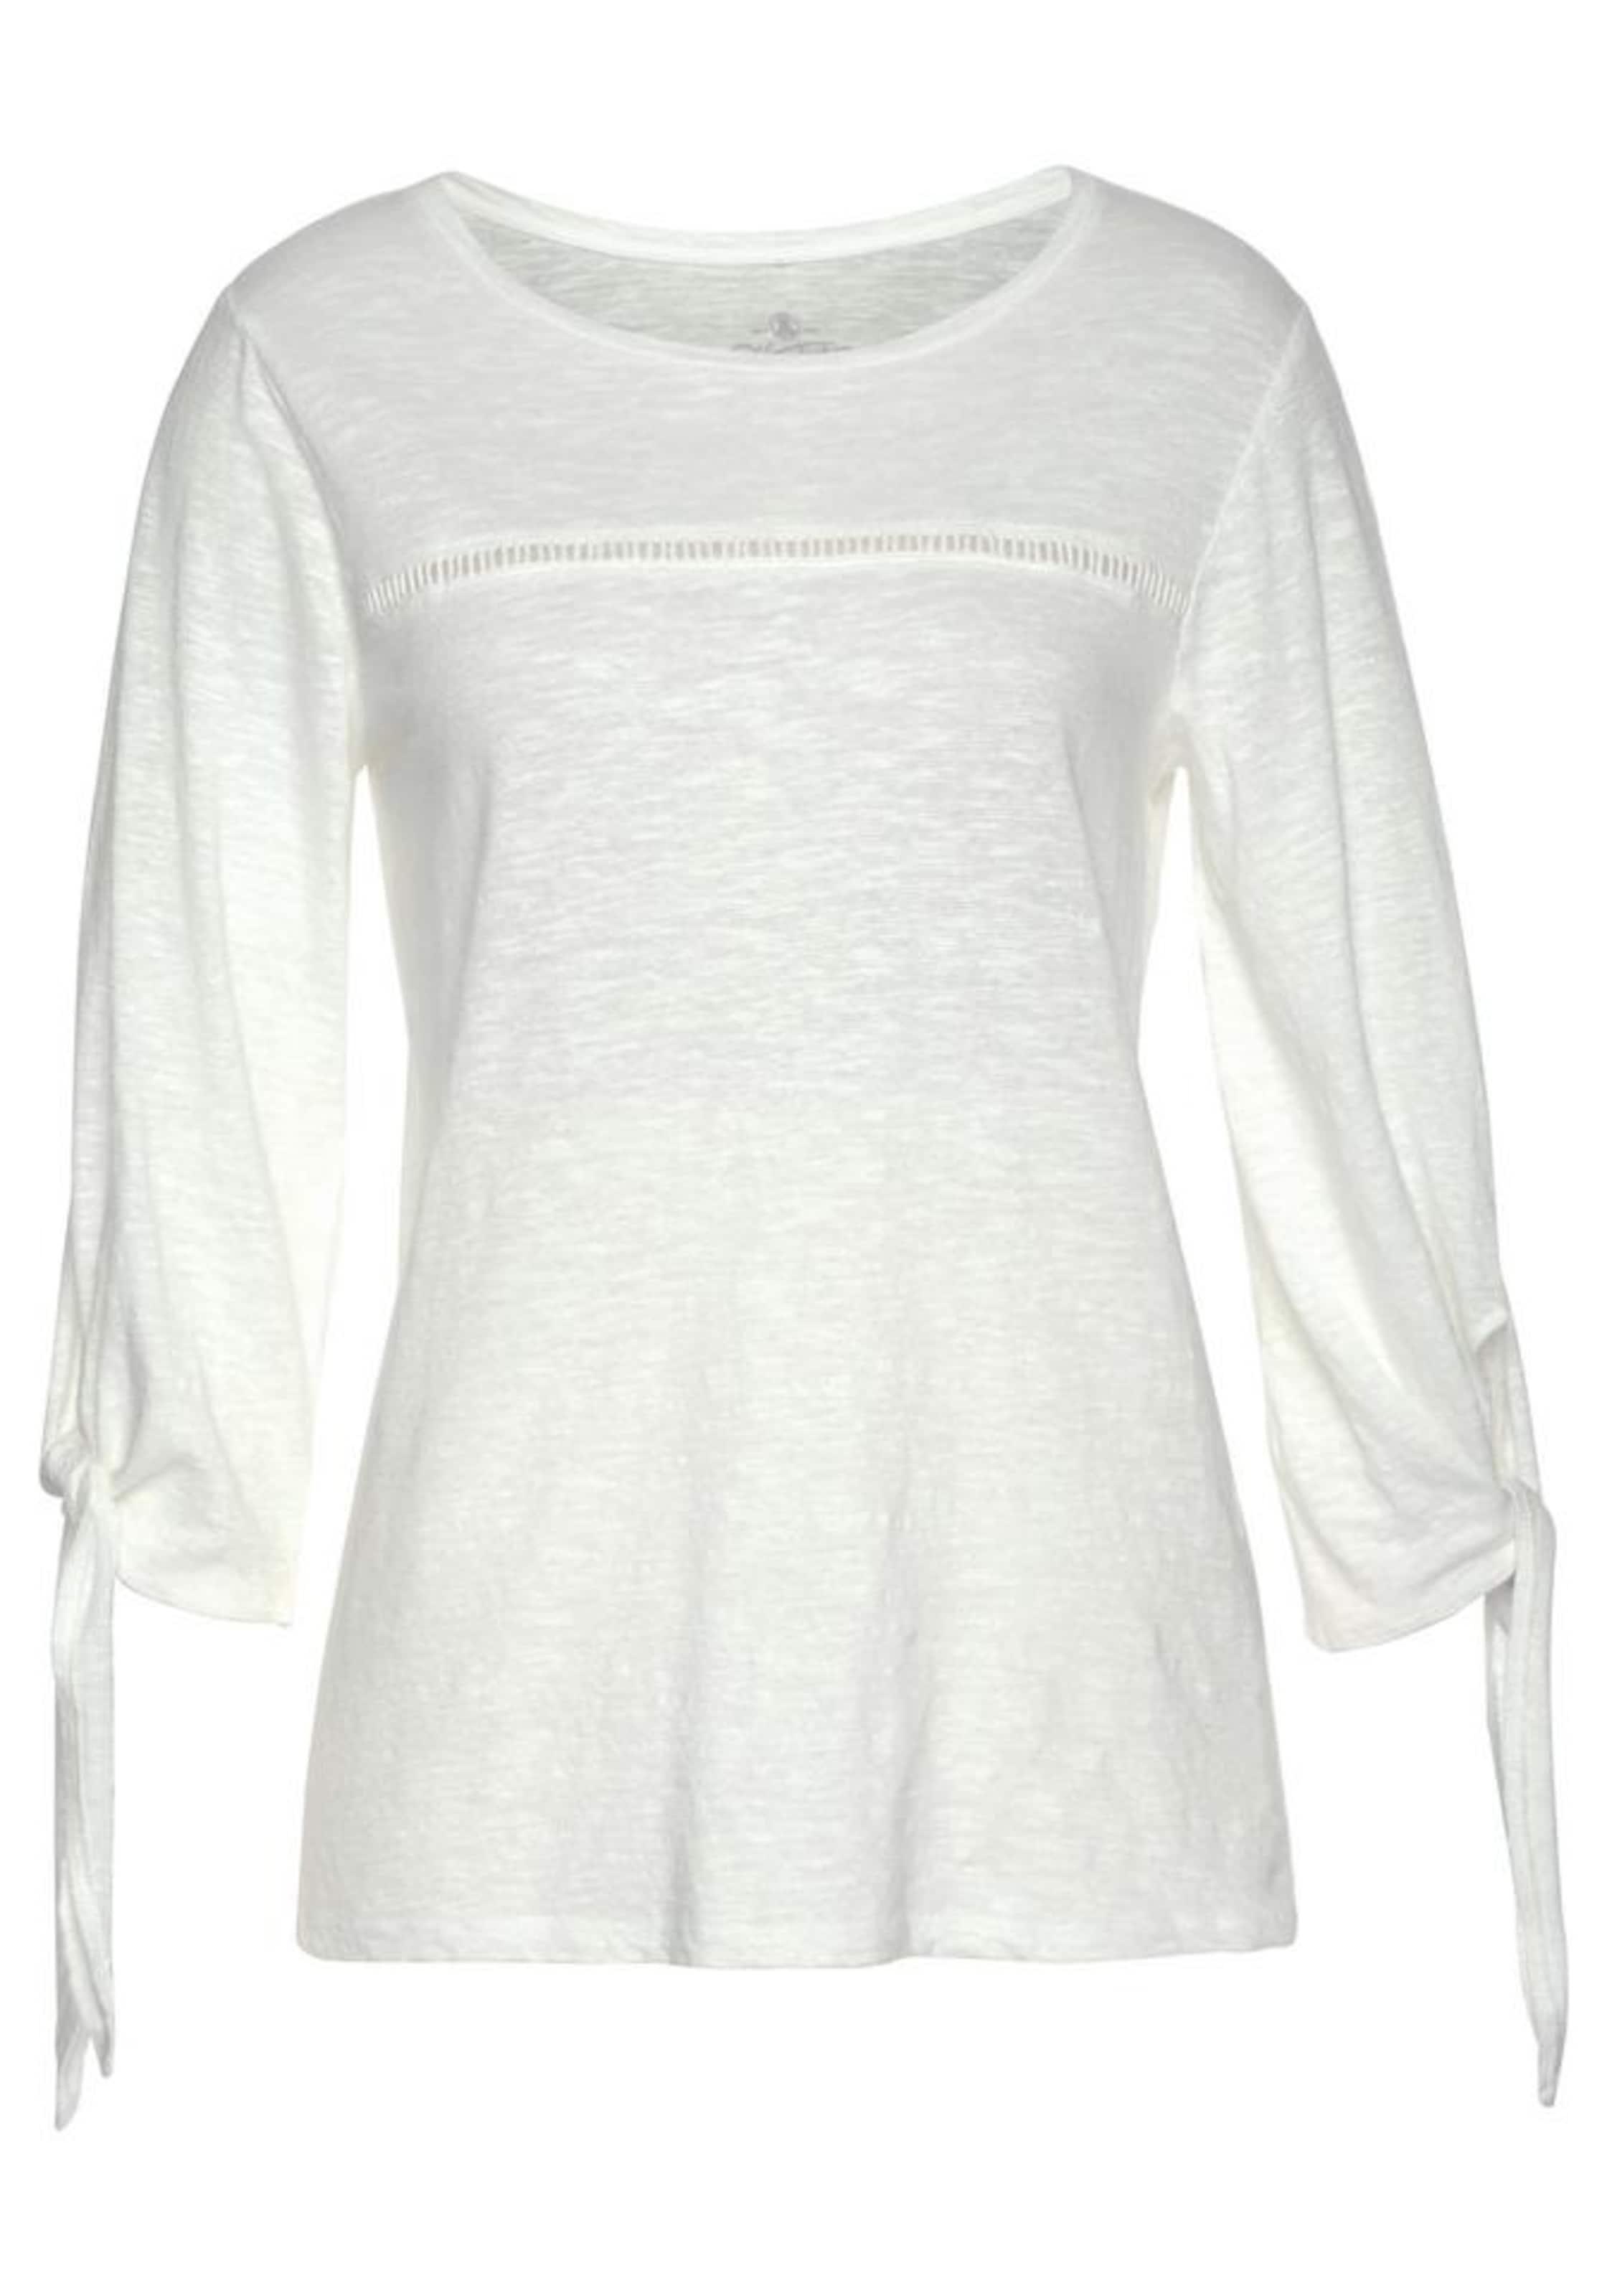 Shirt In Shirt Herrlicher Shirt In Offwhite Herrlicher 'etta' Herrlicher 'etta' 'etta' Offwhite rCBdeWxo